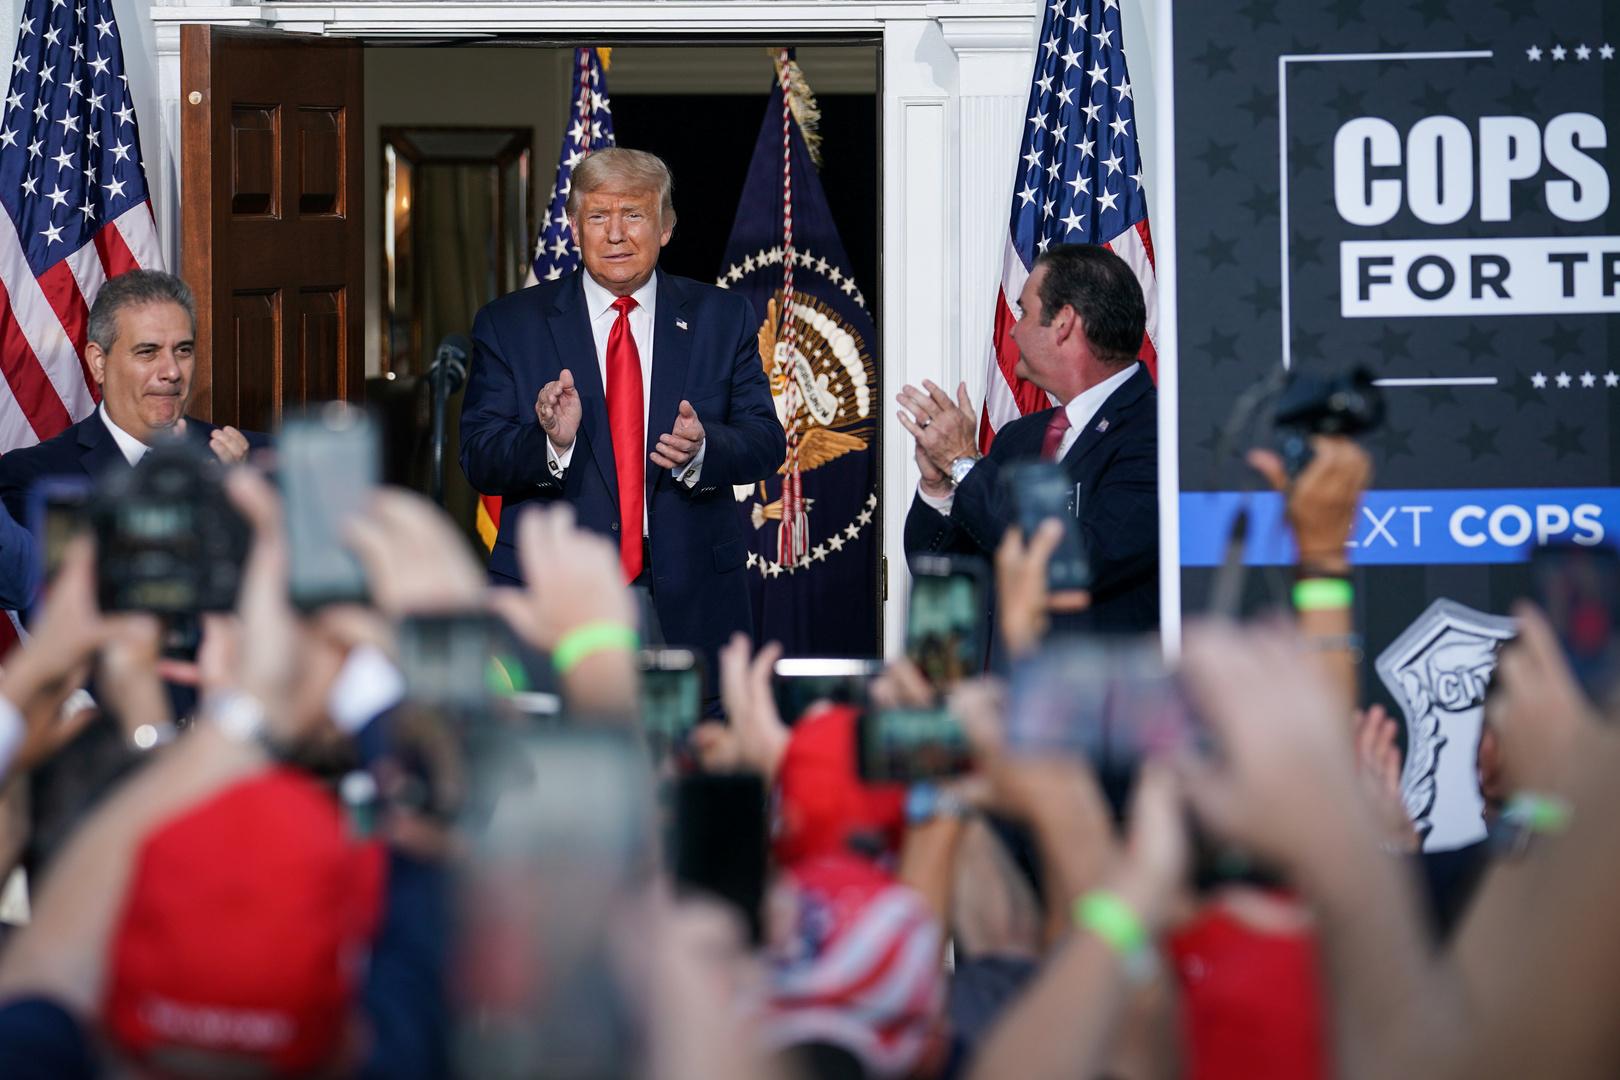 الرئيس الأمريكي دونالد ترامب في تجمع انتخابي بمشاركة شرطة نيويورك في مدينة بدمنستر